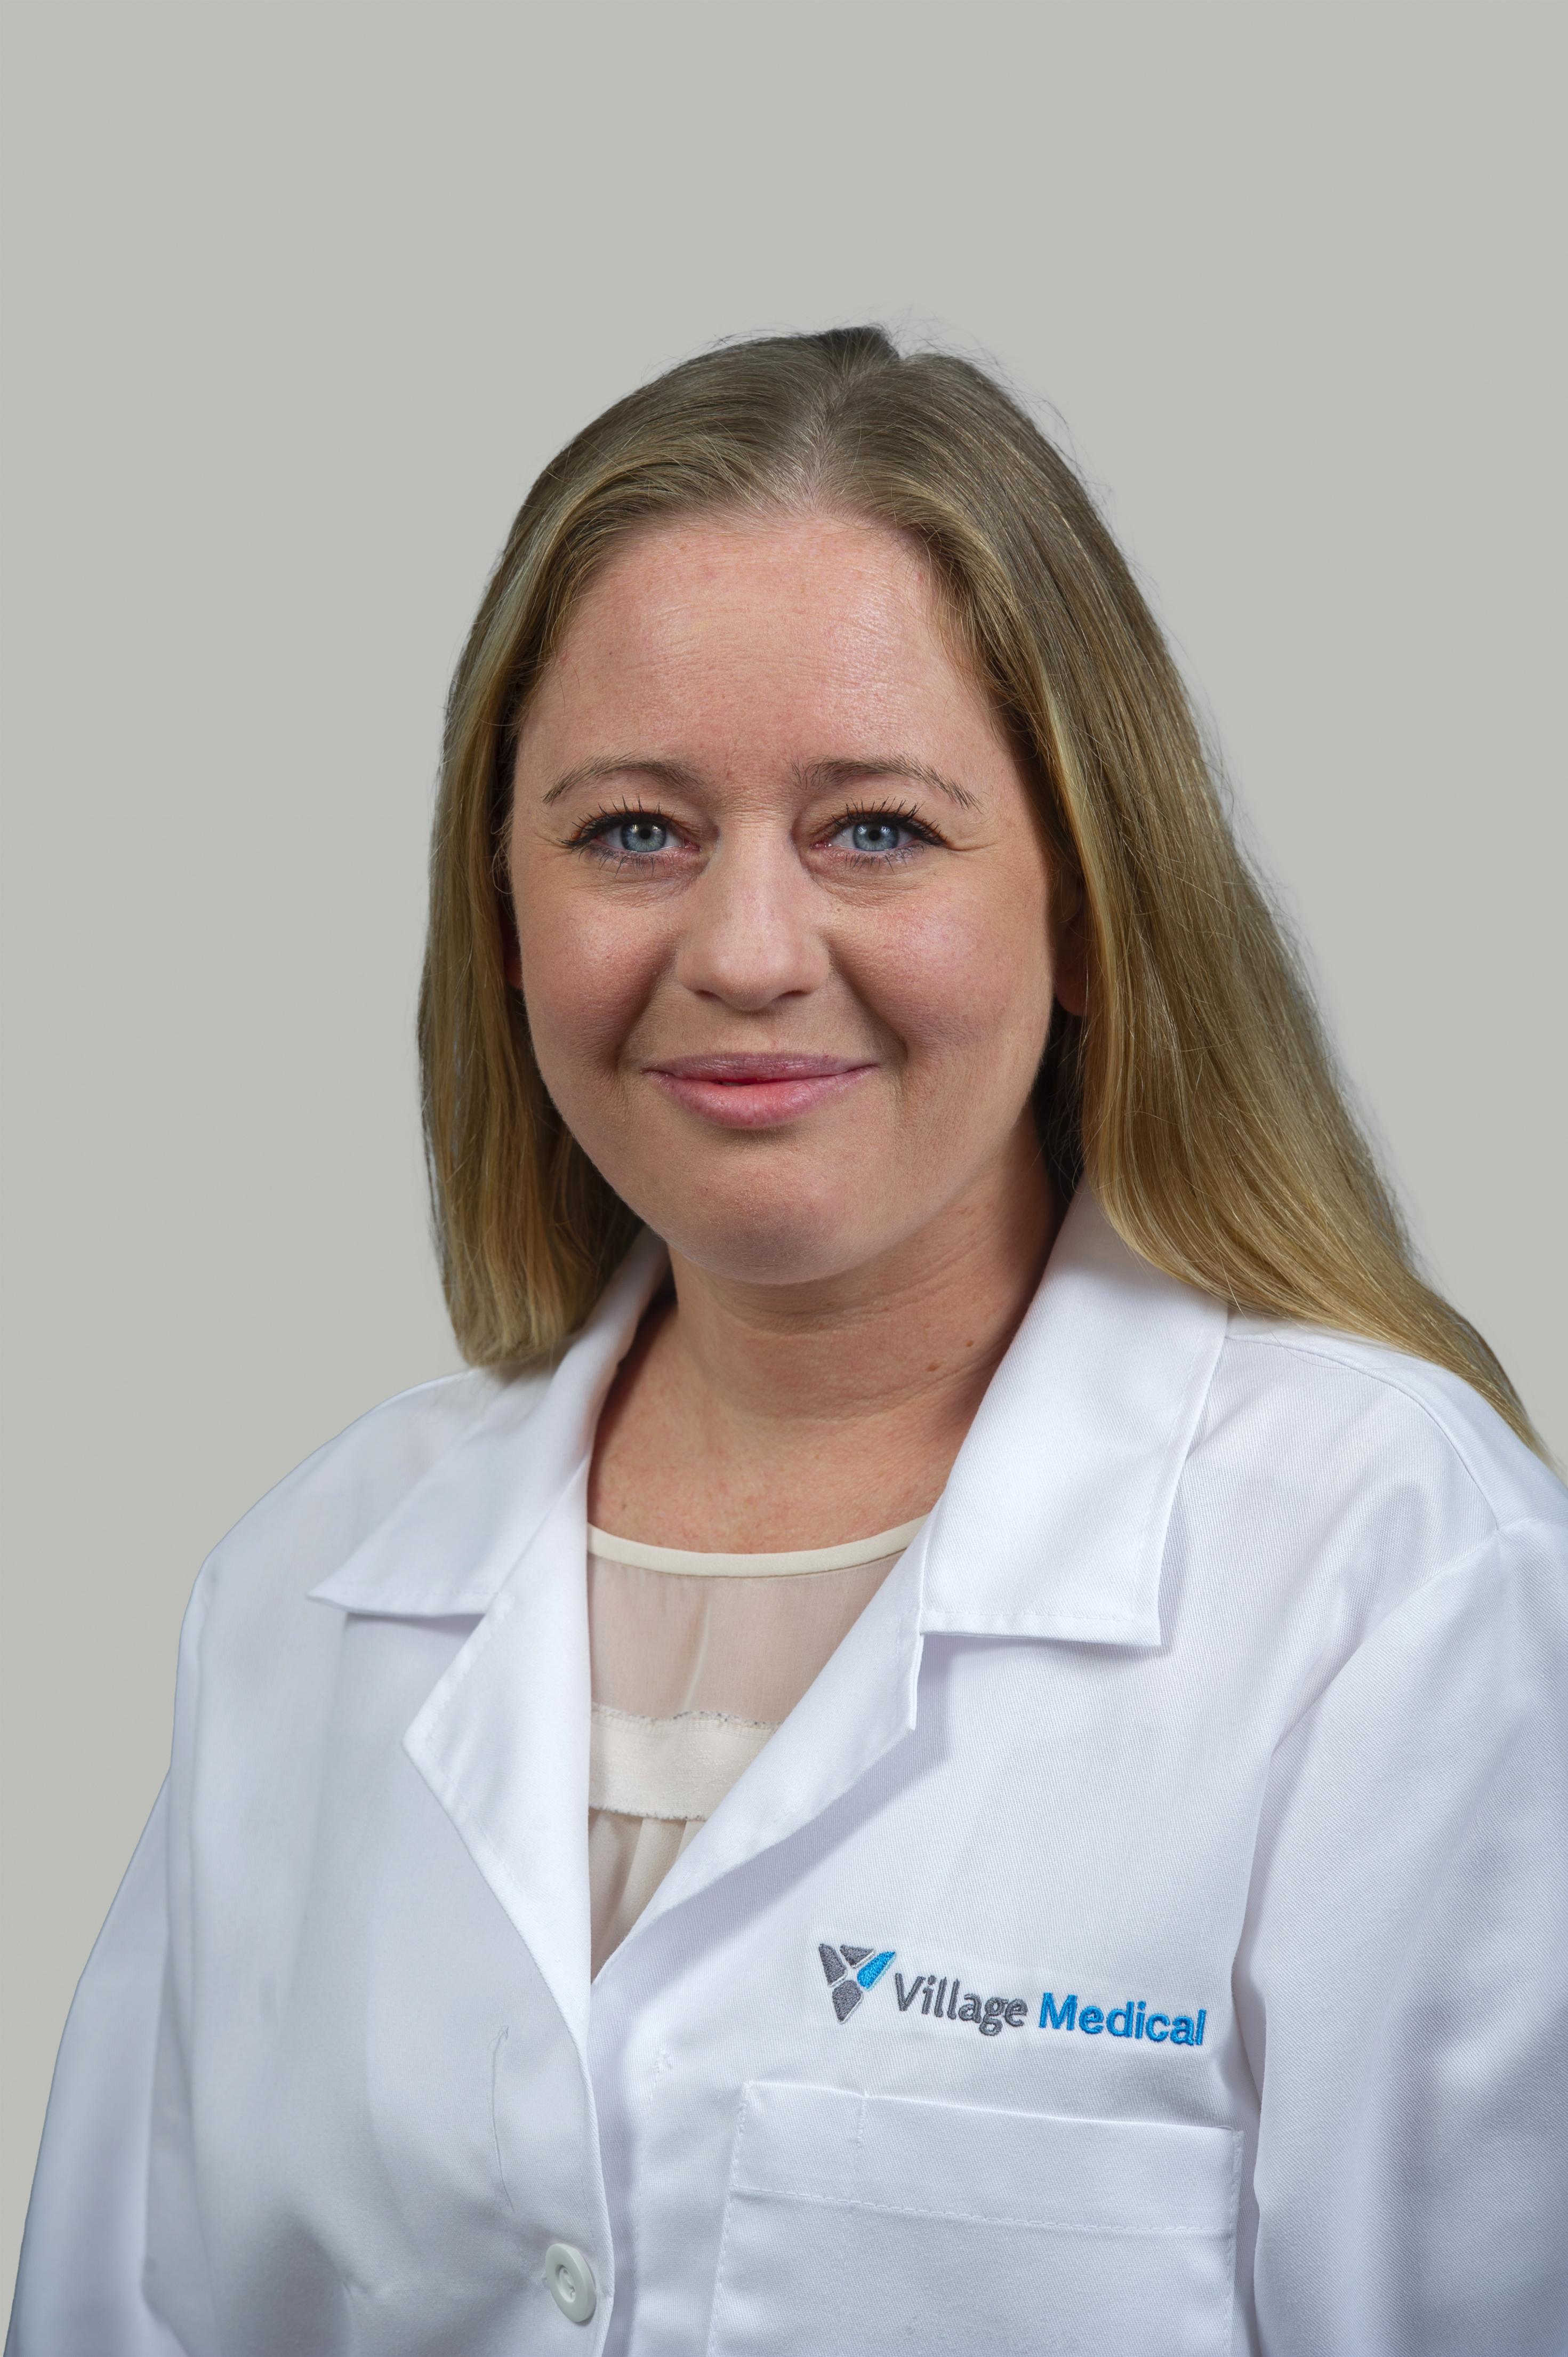 Jenna McNicholl, PA-C